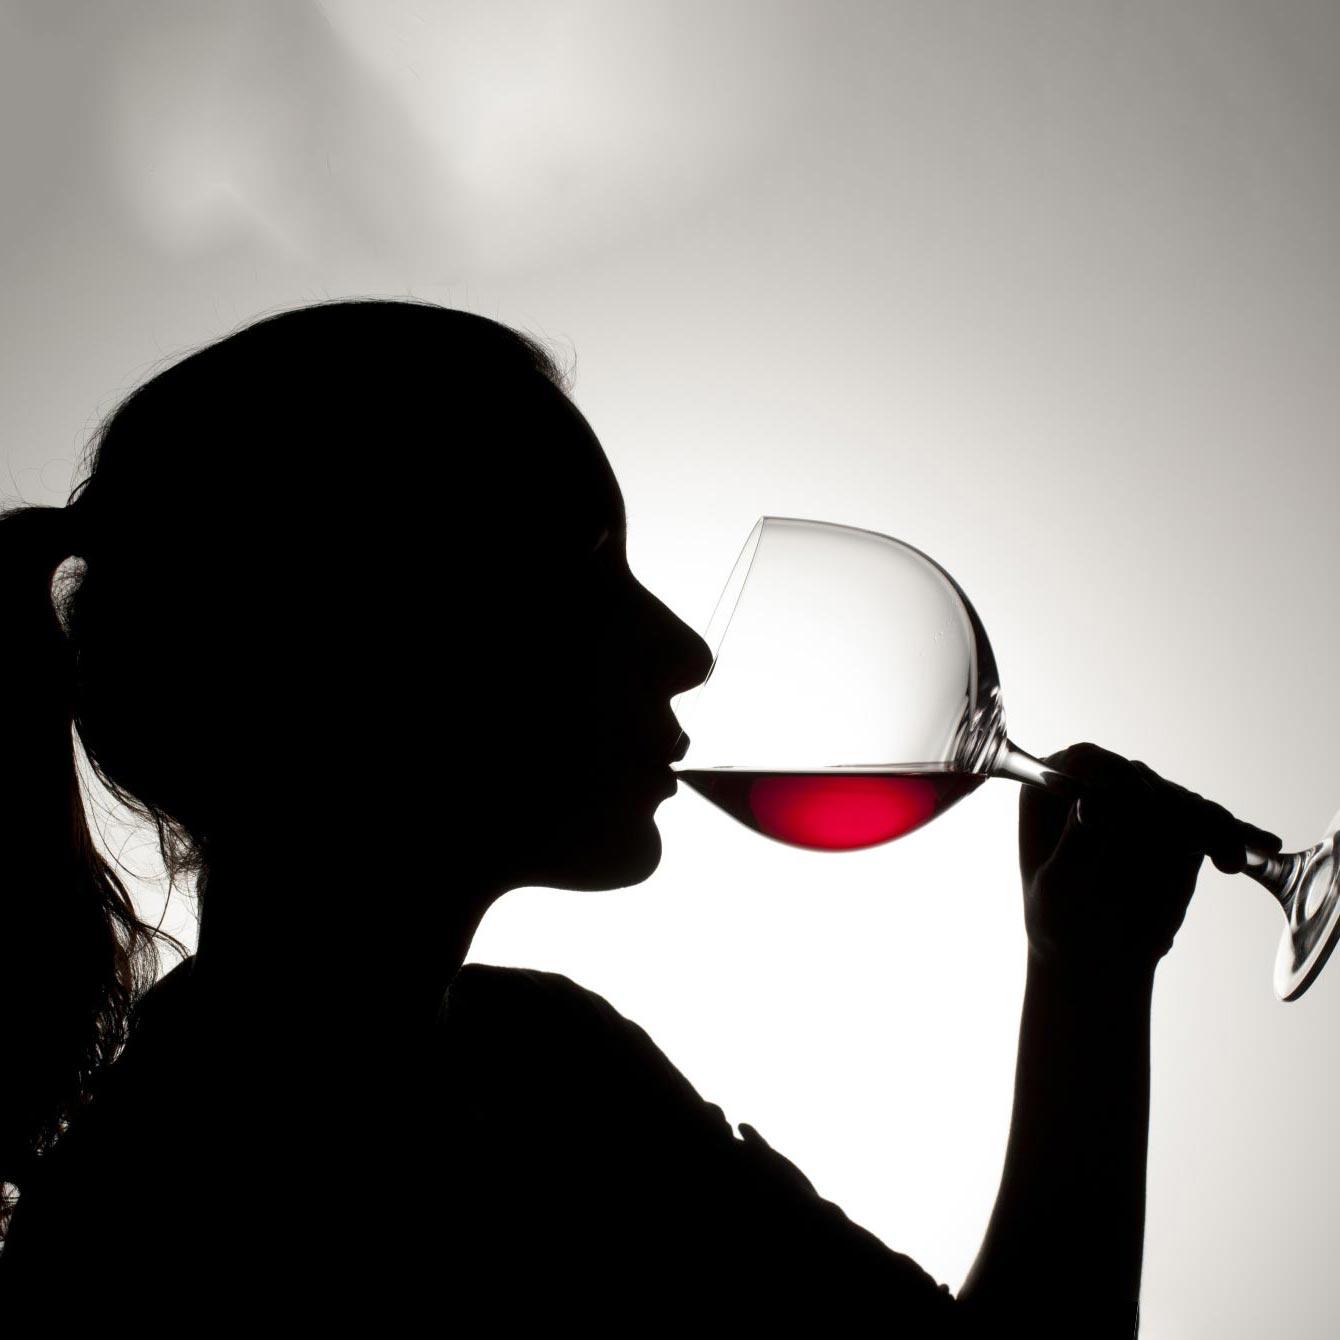 sound sommellier musica per degustazioni vini